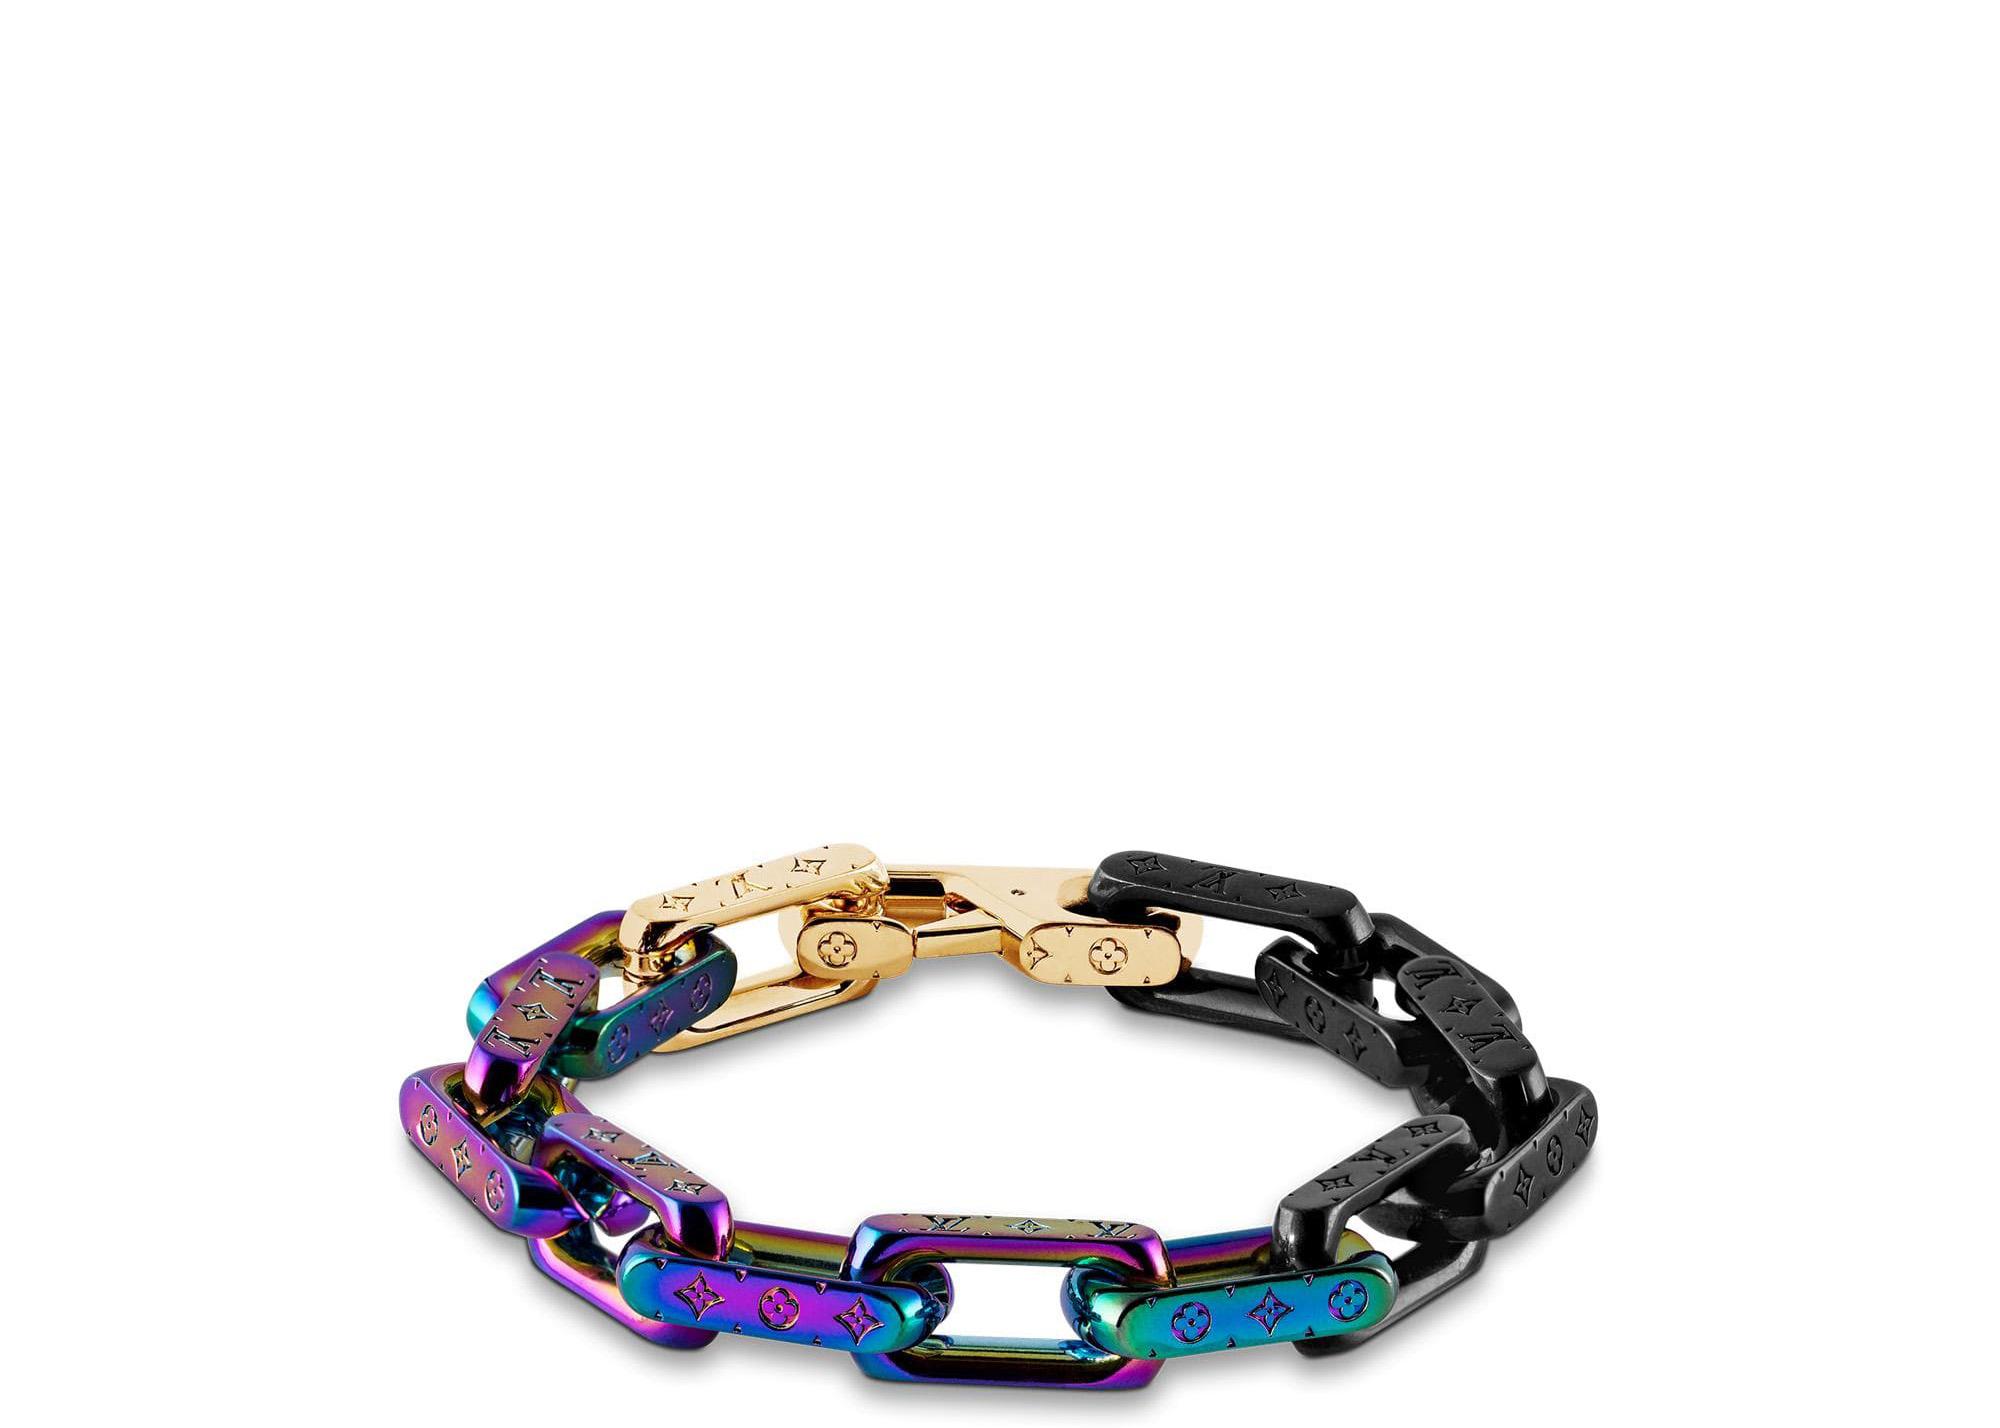 Louis Vuitton Chain Bracelet Engraved Monogram Colors Black/Gold/Multicolor